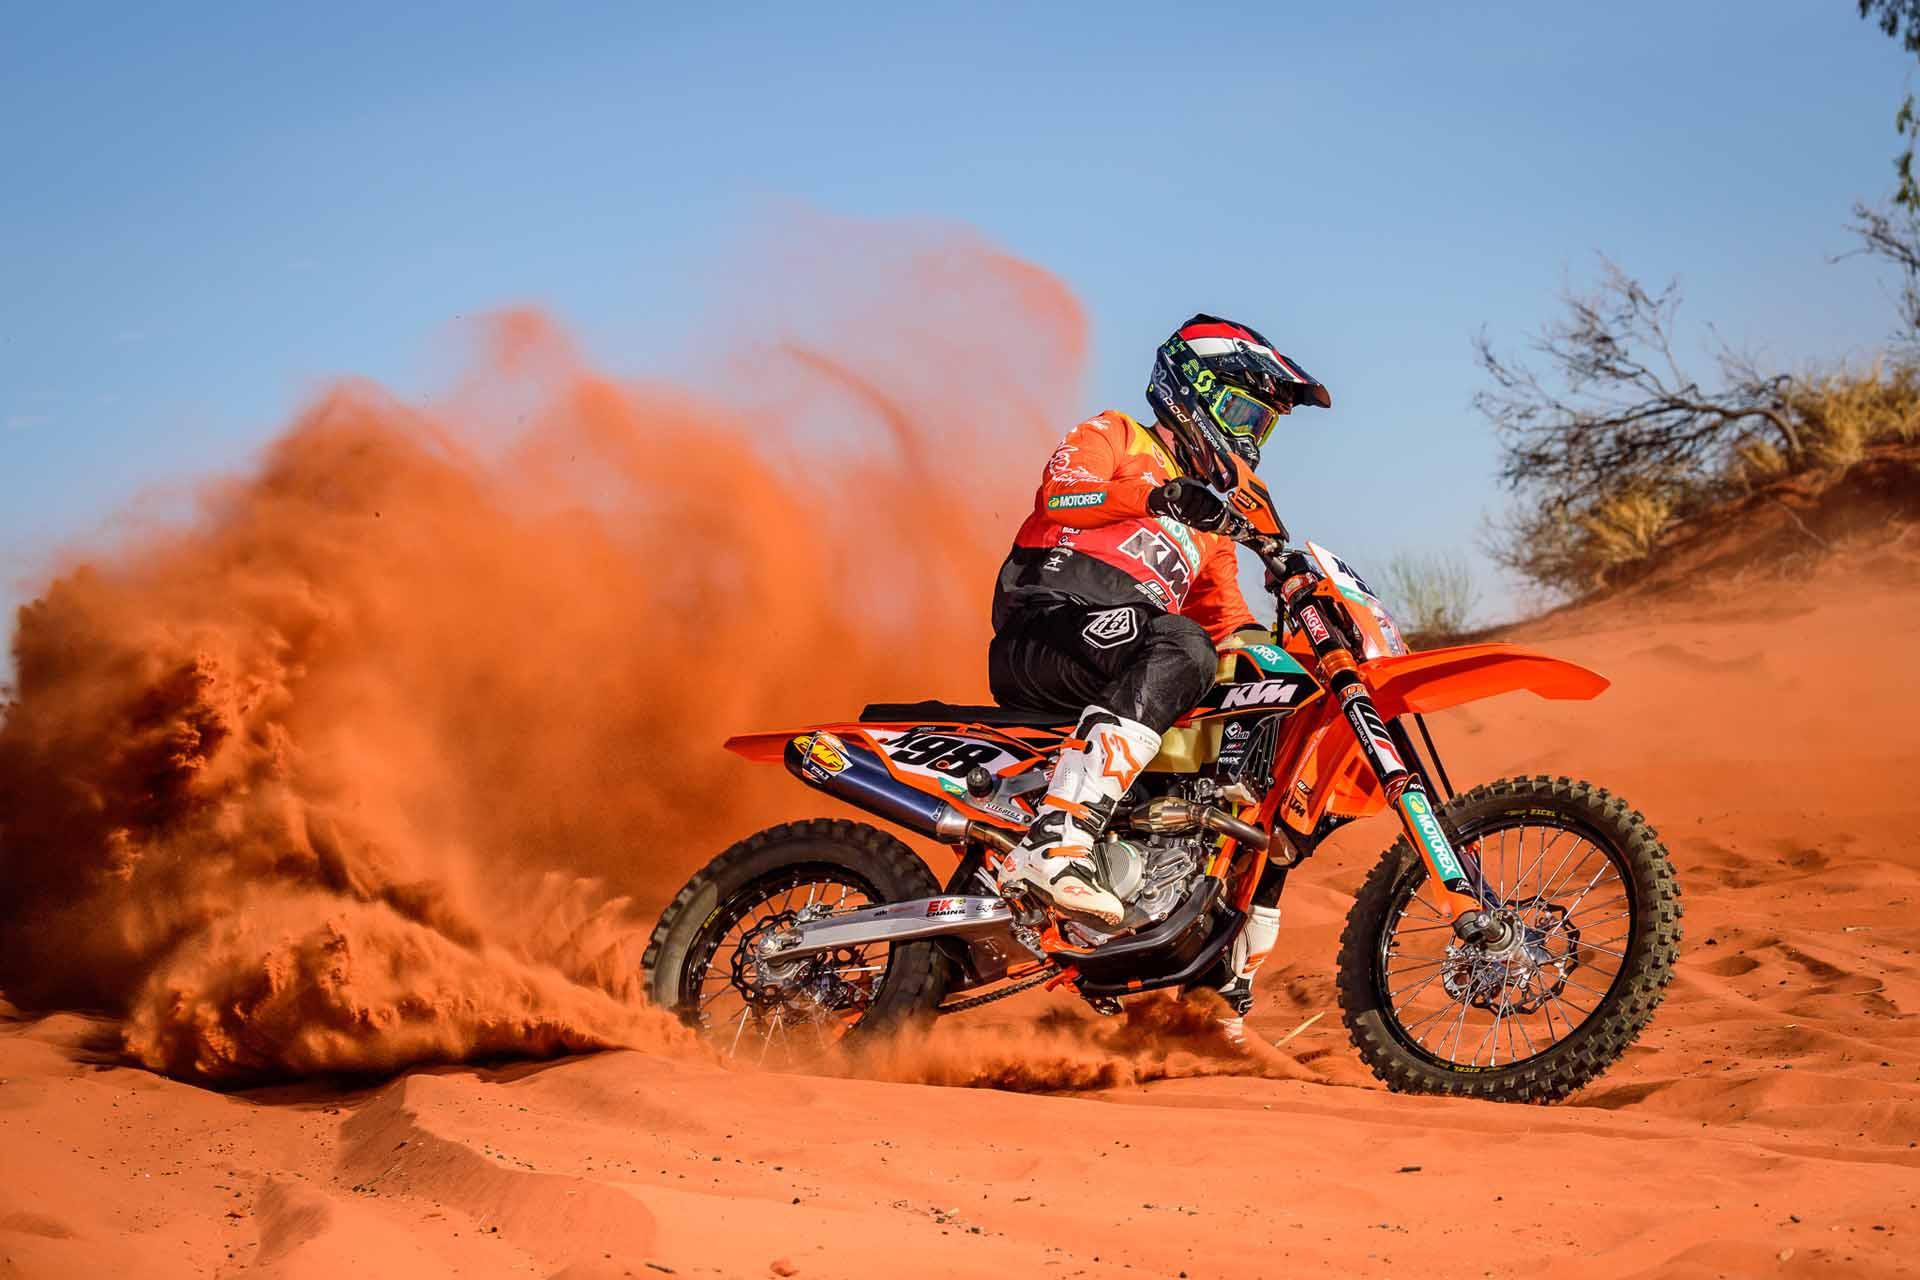 Carrera para motos en Marruecos